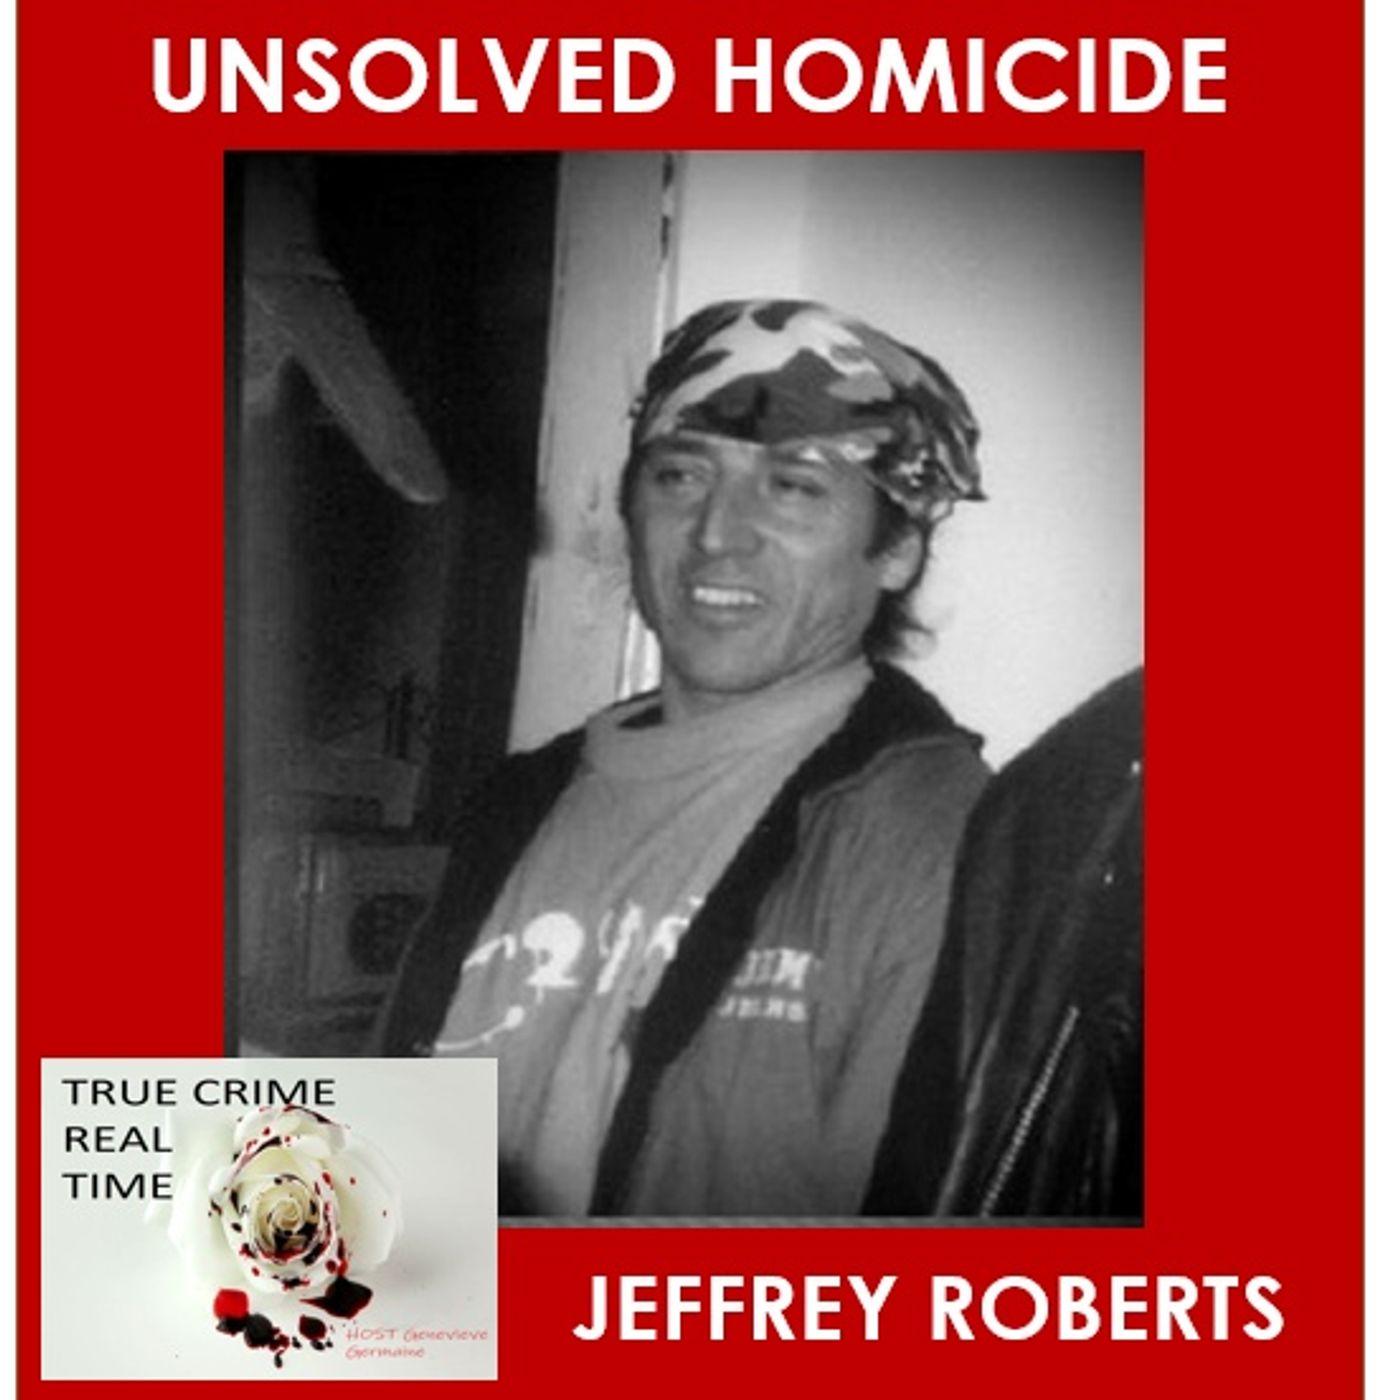 #5 - Murdered - Jeffrey Roberts